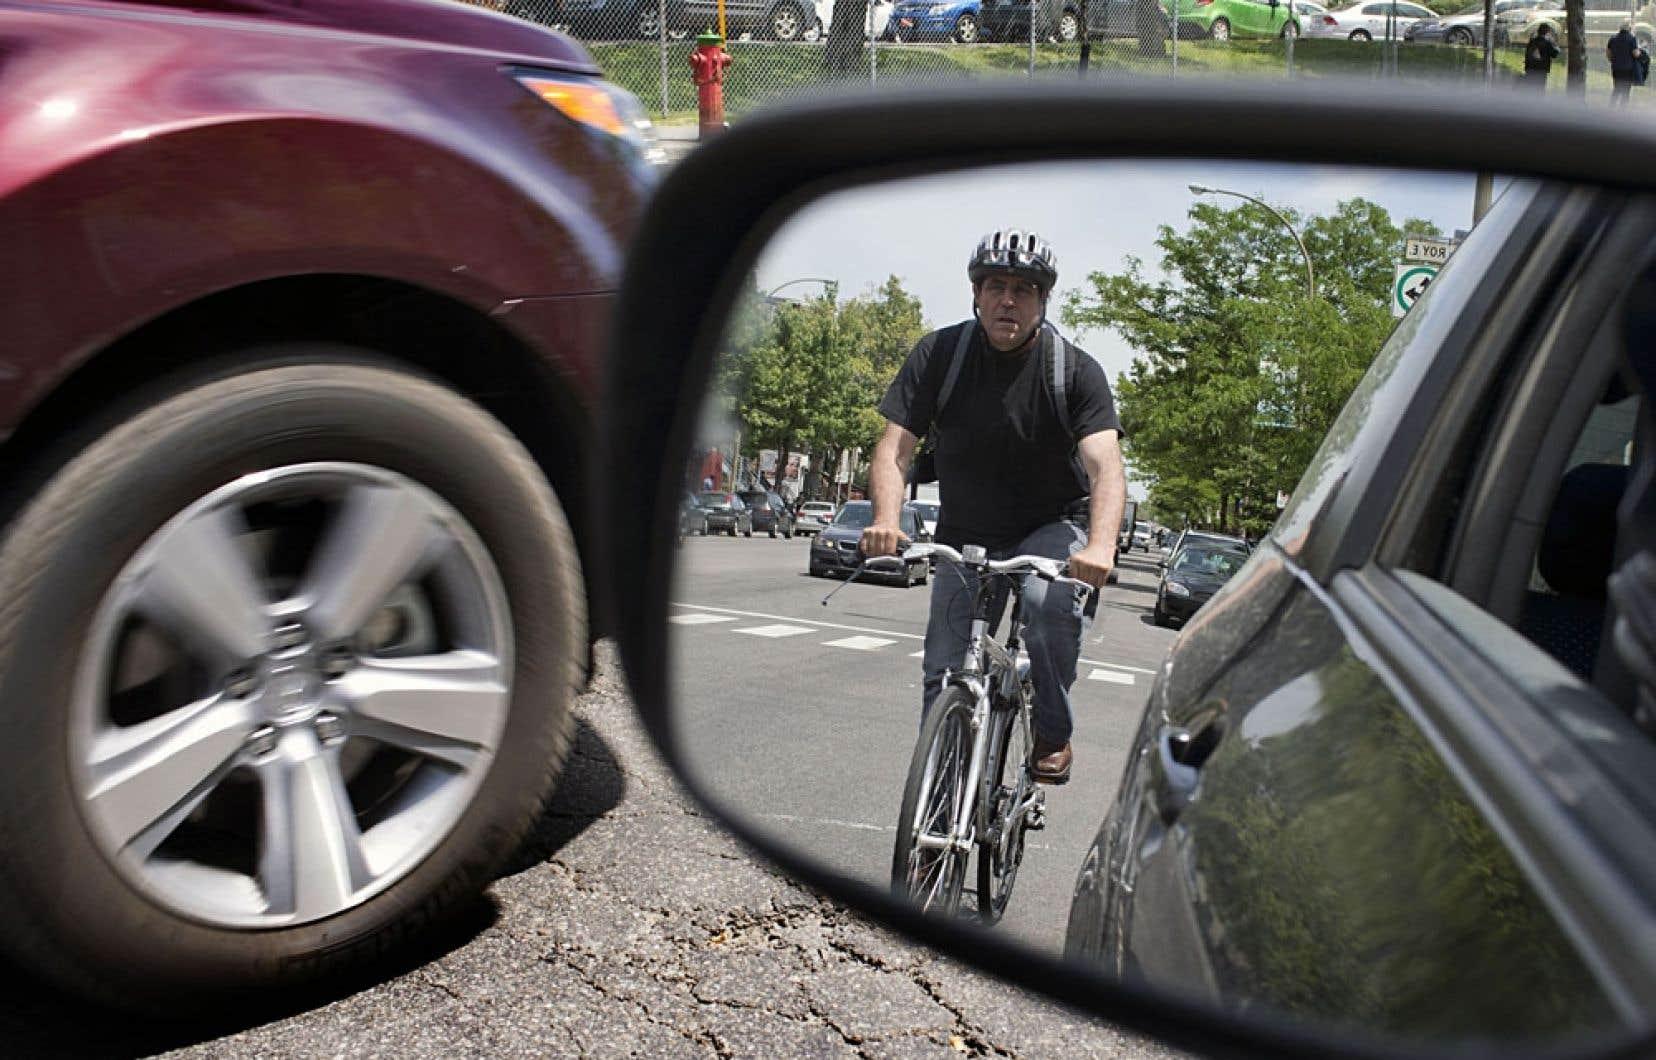 «Ce que je veux voir avec lui, c'est comment on peut avoir une modernisation des règles entourant la sécurité à vélo. Vous savez, il y a beaucoup de règles comme poser des réflecteurs quasiment à tous les rayons des roues, mais il n'y a pas d'obligation de porter le casque. […] C'est peut-être des règles qui étaient bonnes jadis, mais il faut les mettre au goût du jour», explique le ministre Gaudreaul.